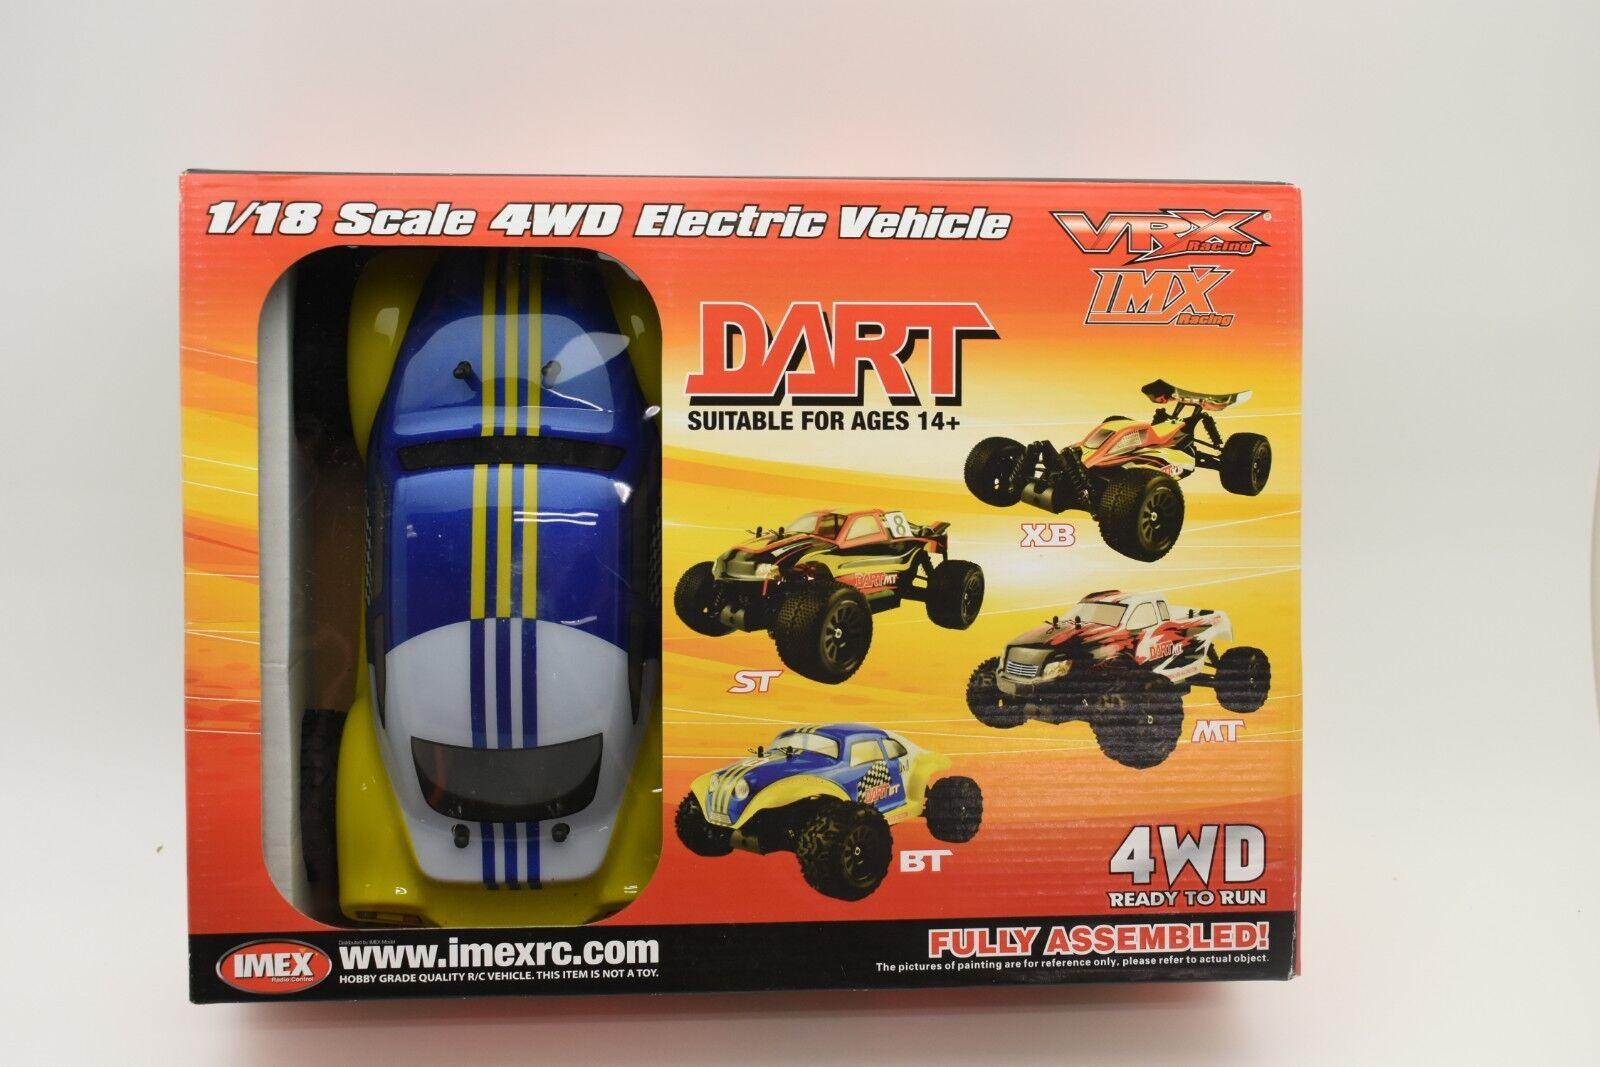 VRX18842-BT KOLOR-blå DART MT BRUSHLESS 1 18 SKALE 4WD ELEKTRISK FORDON (REB)